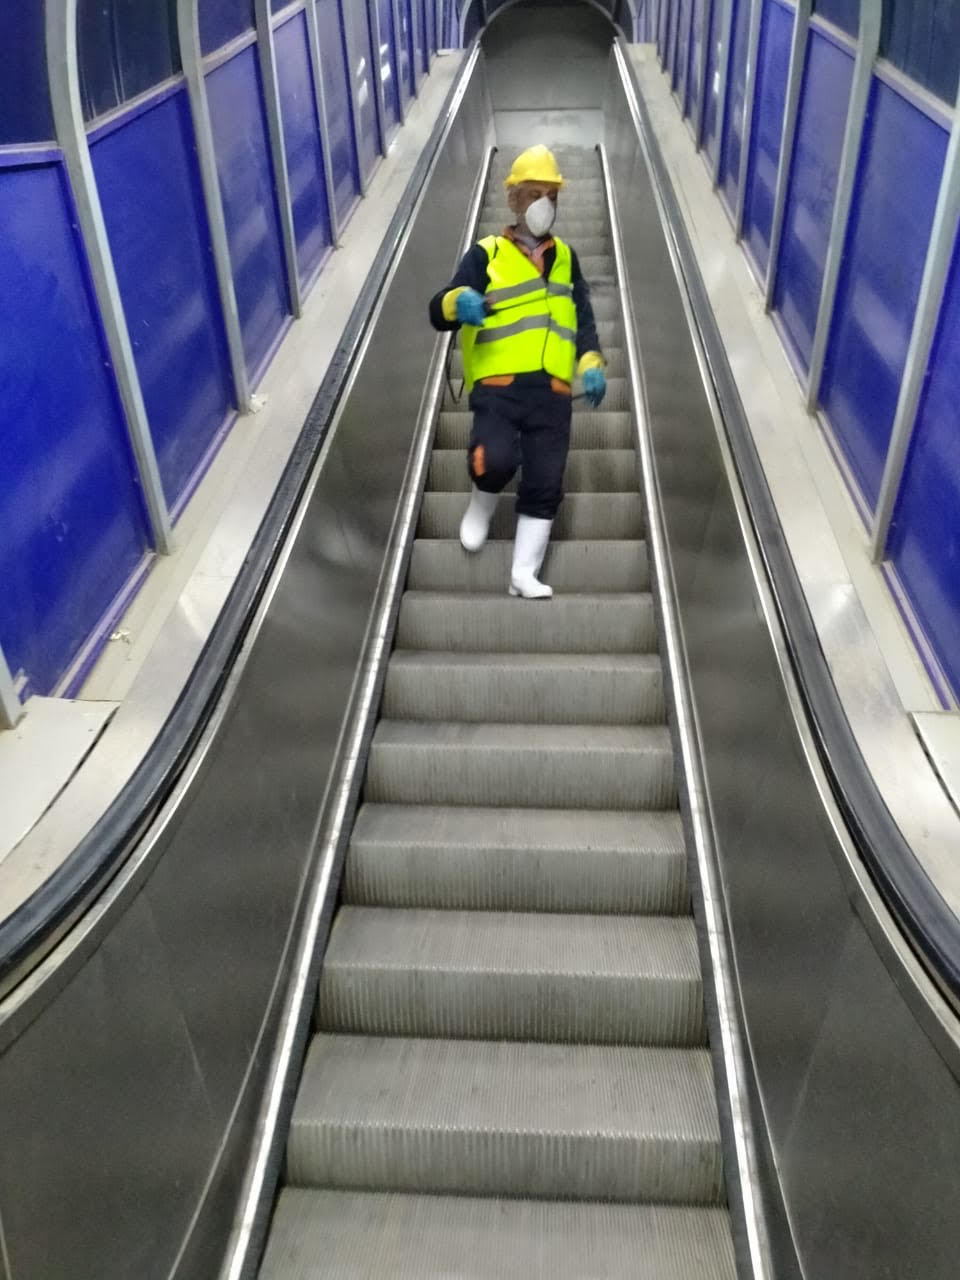 المترو يواصل أعمال تعقيم وتطهير القطارات والمحطات ضد كورونا (27)